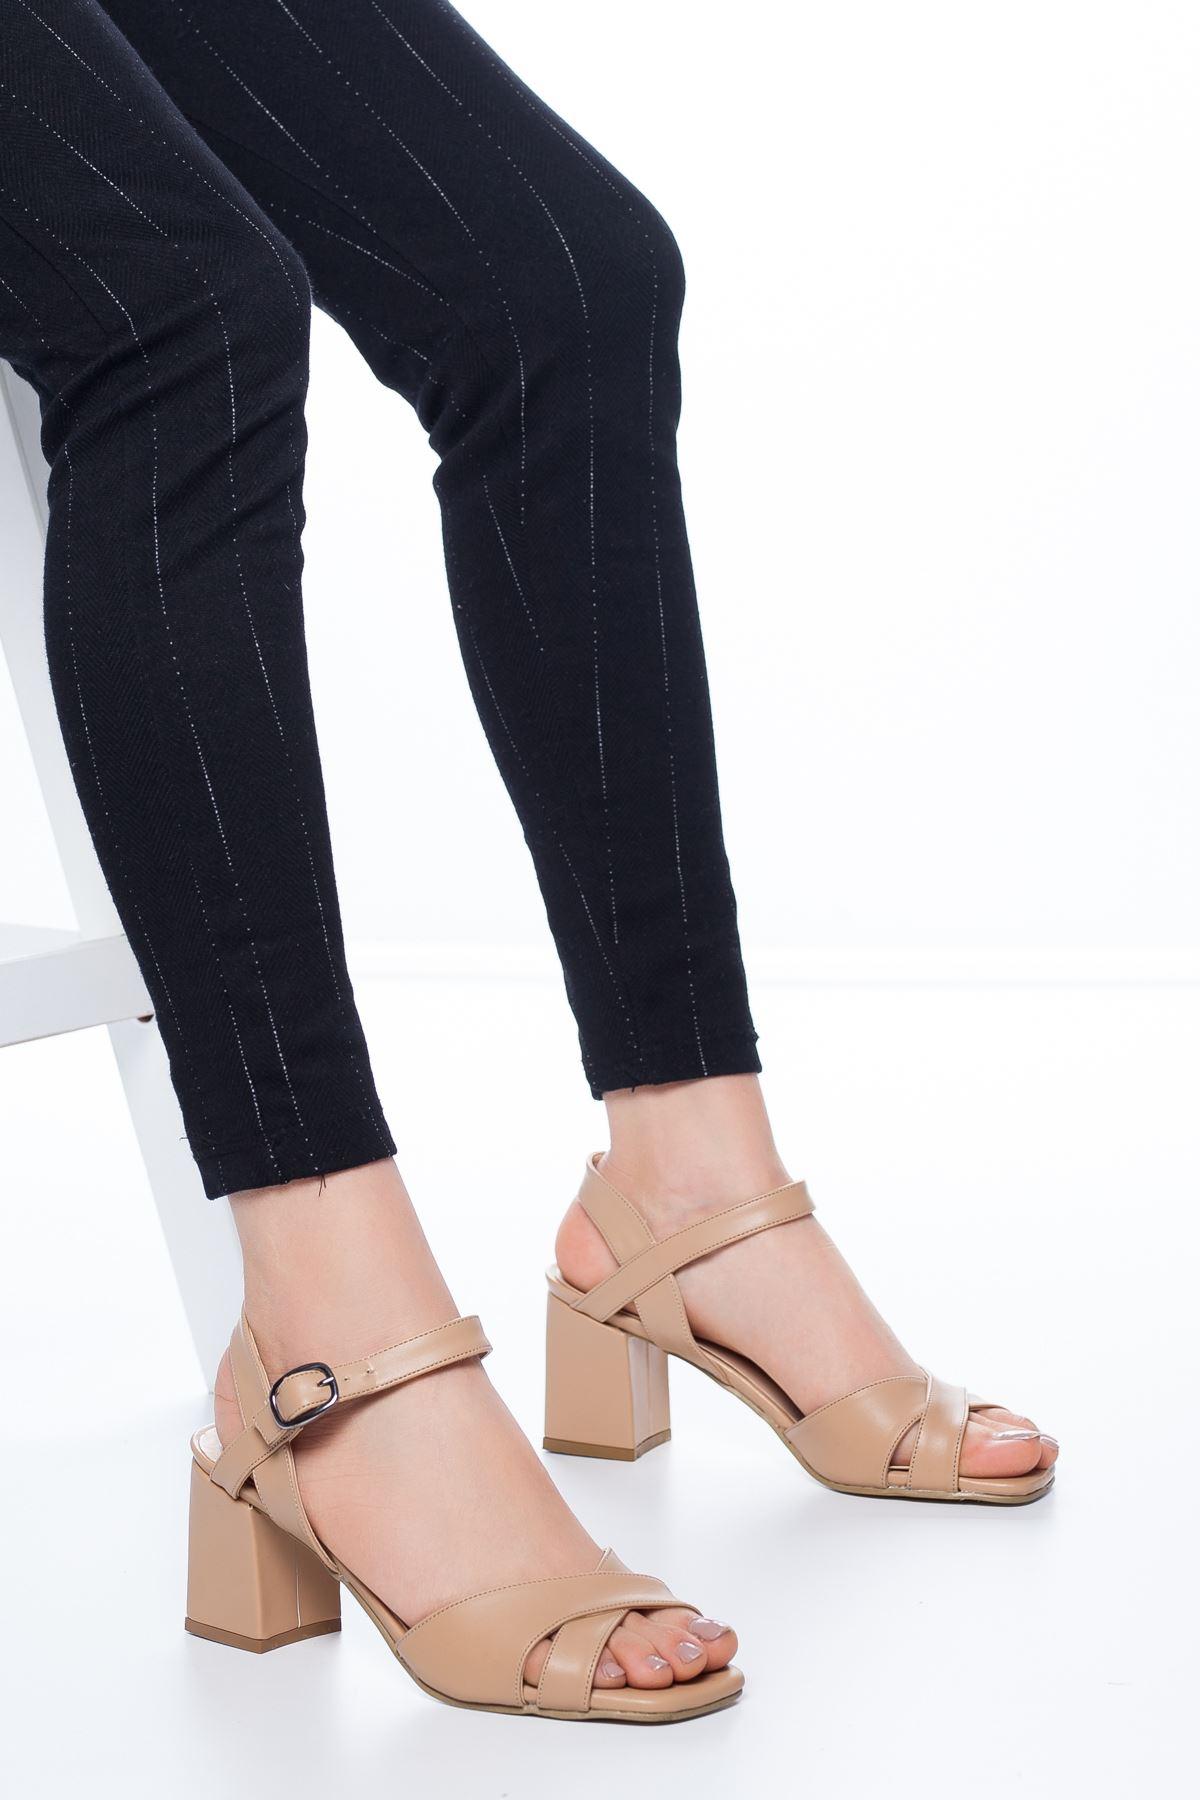 Samy Topuklu Cilt Ayakkabı Ten